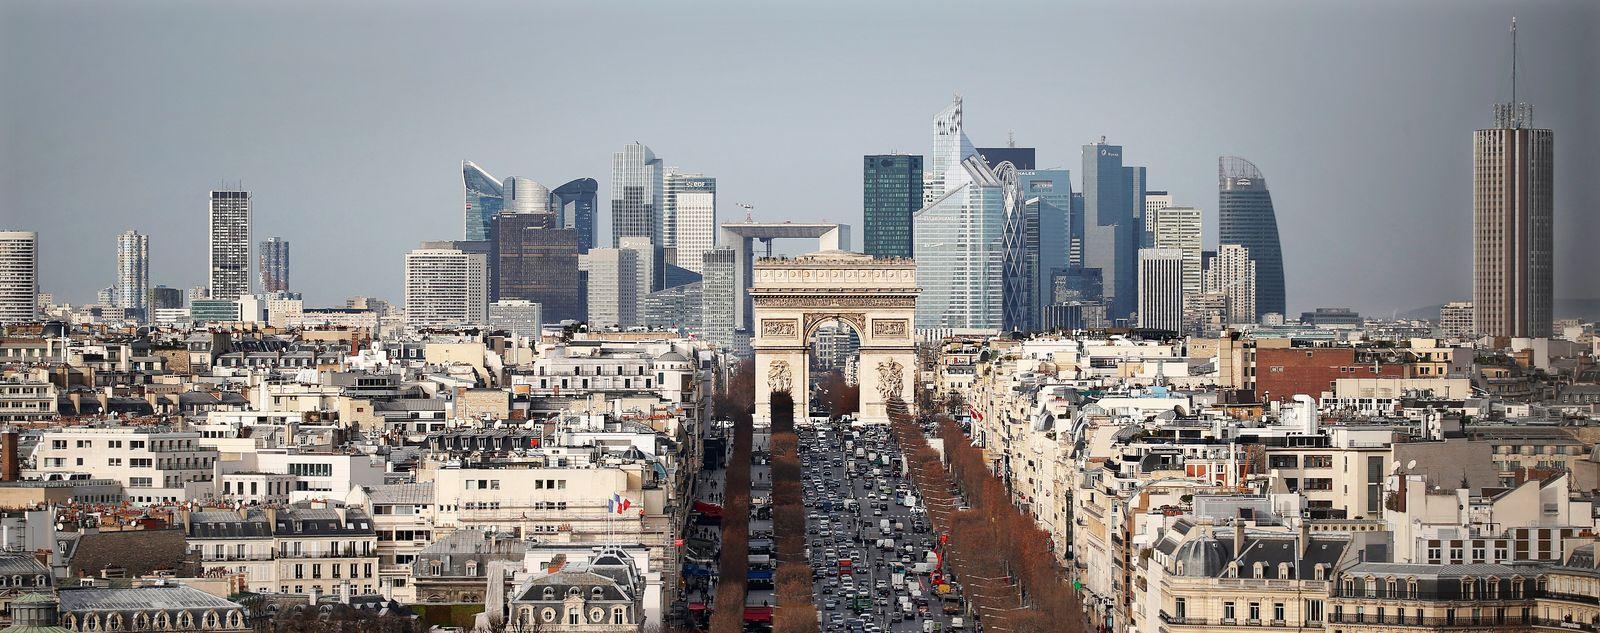 Frankreich / Paris / Banken / Bankenviertel / Konjunktur